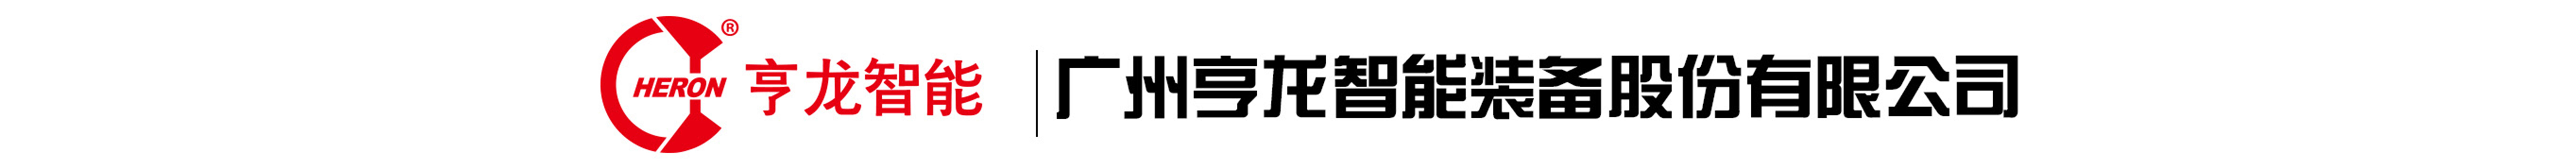 廣州亨龍智慧裝備股份有限公司